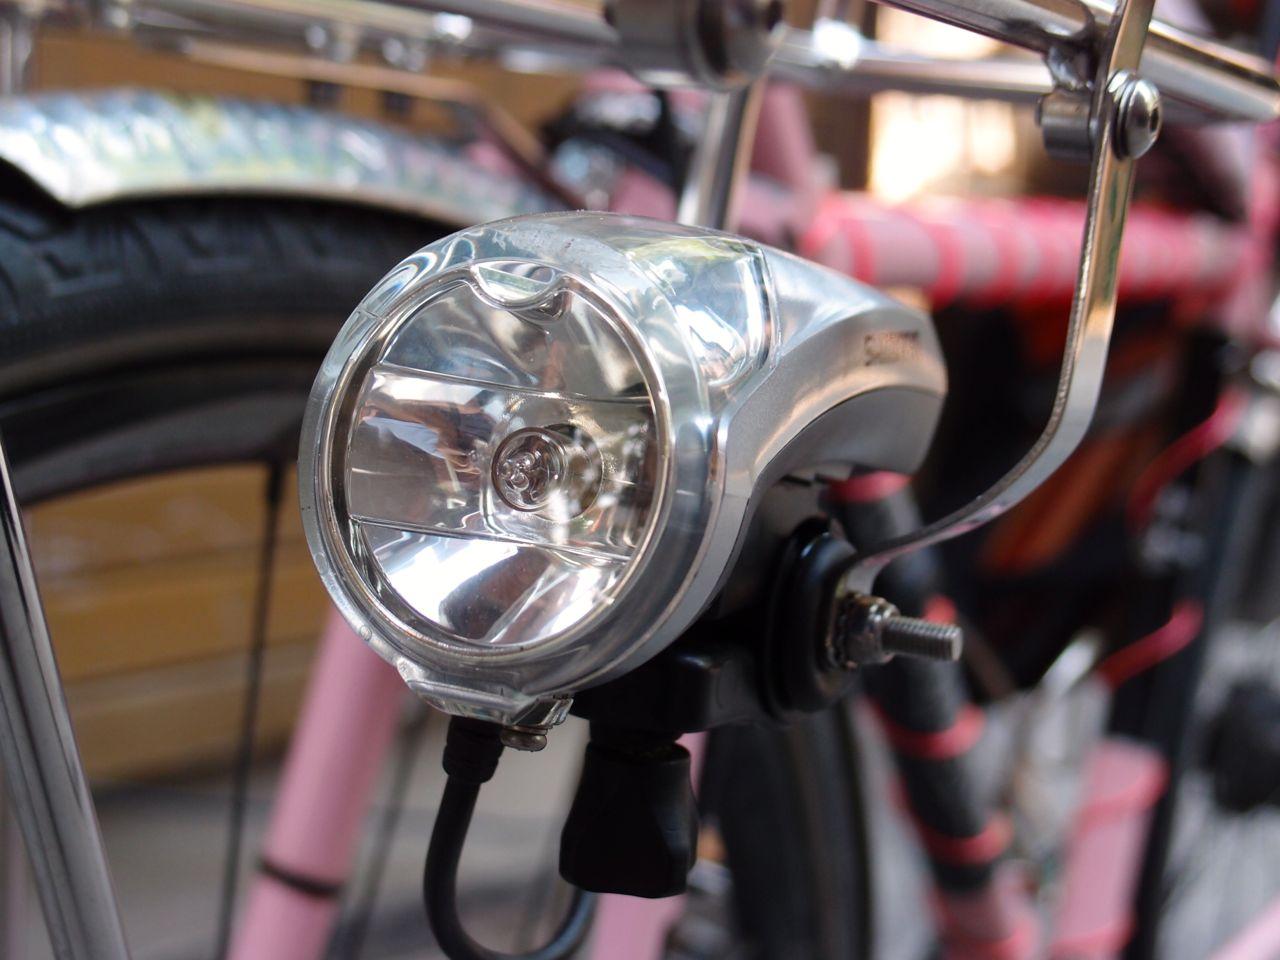 Large Fender Mount Headlights : Velo orange headlight mounting bracket i am not impressed